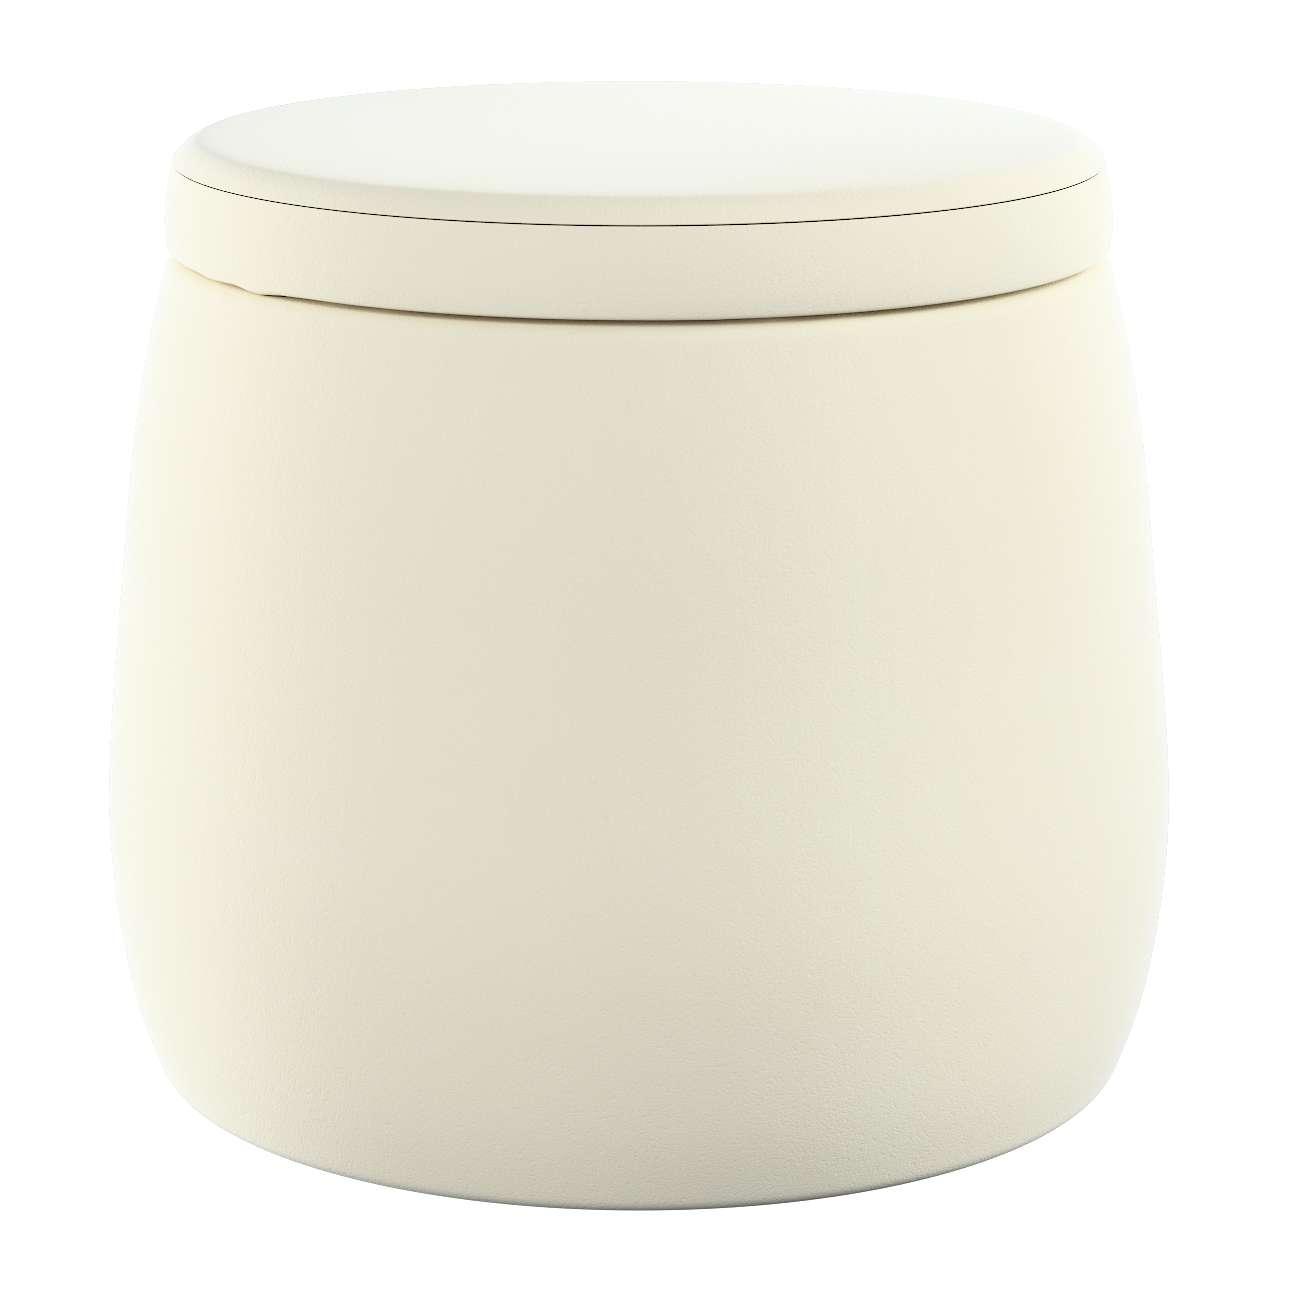 Pouf Candy Jar von der Kollektion Posh Velvet, Stoff: 704-10